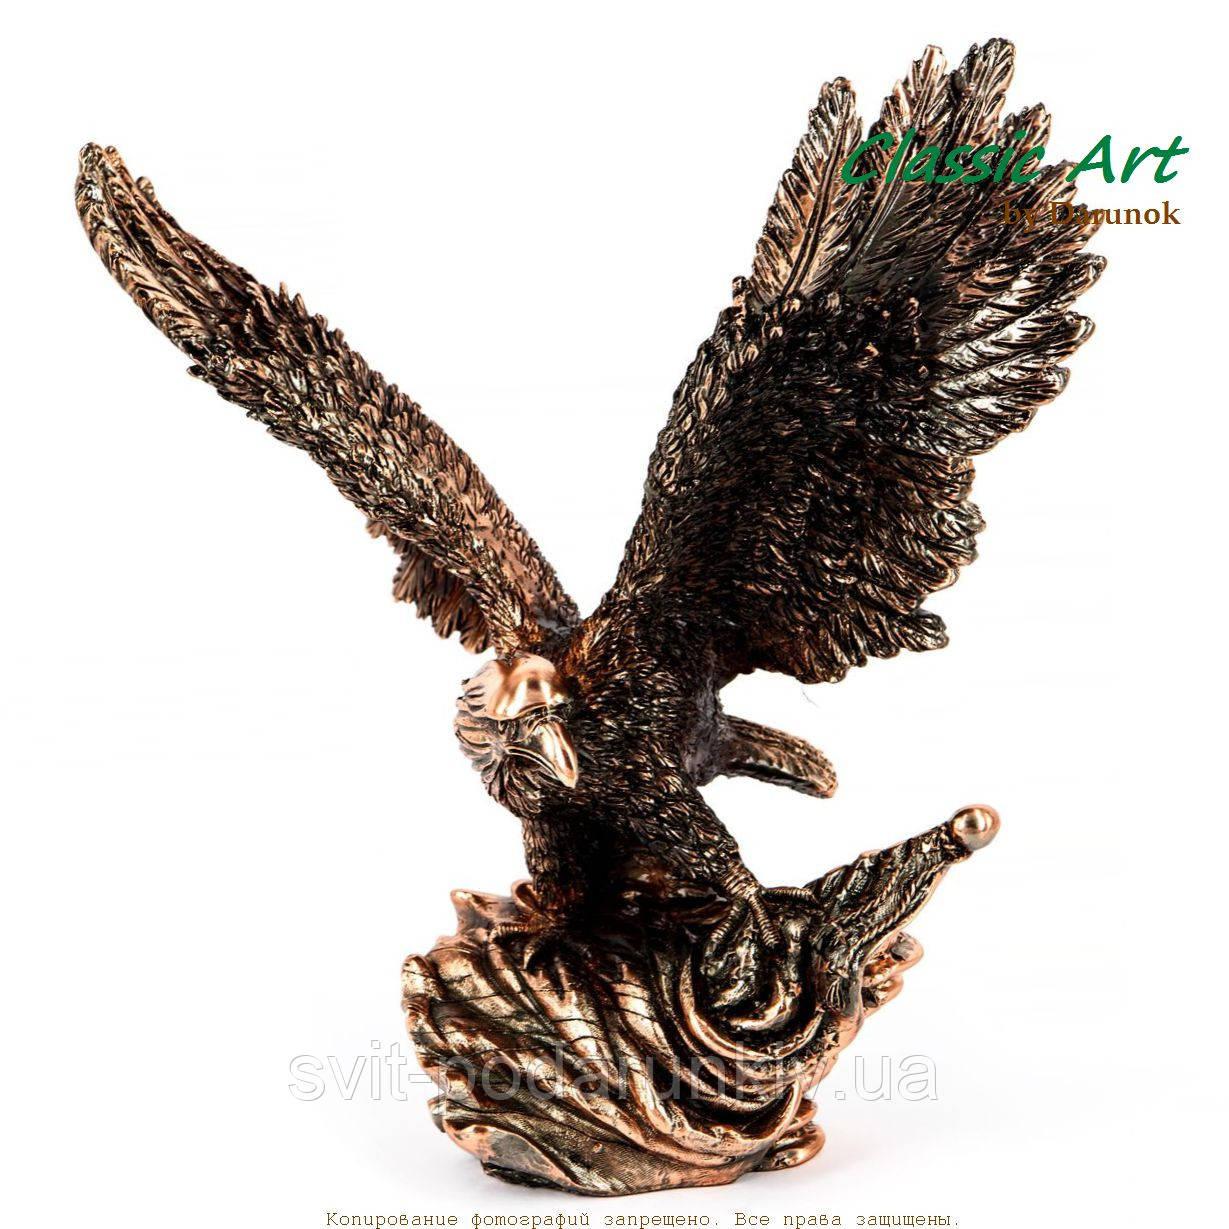 Фигурка орла статуэтка с расправленными крыльями ES103